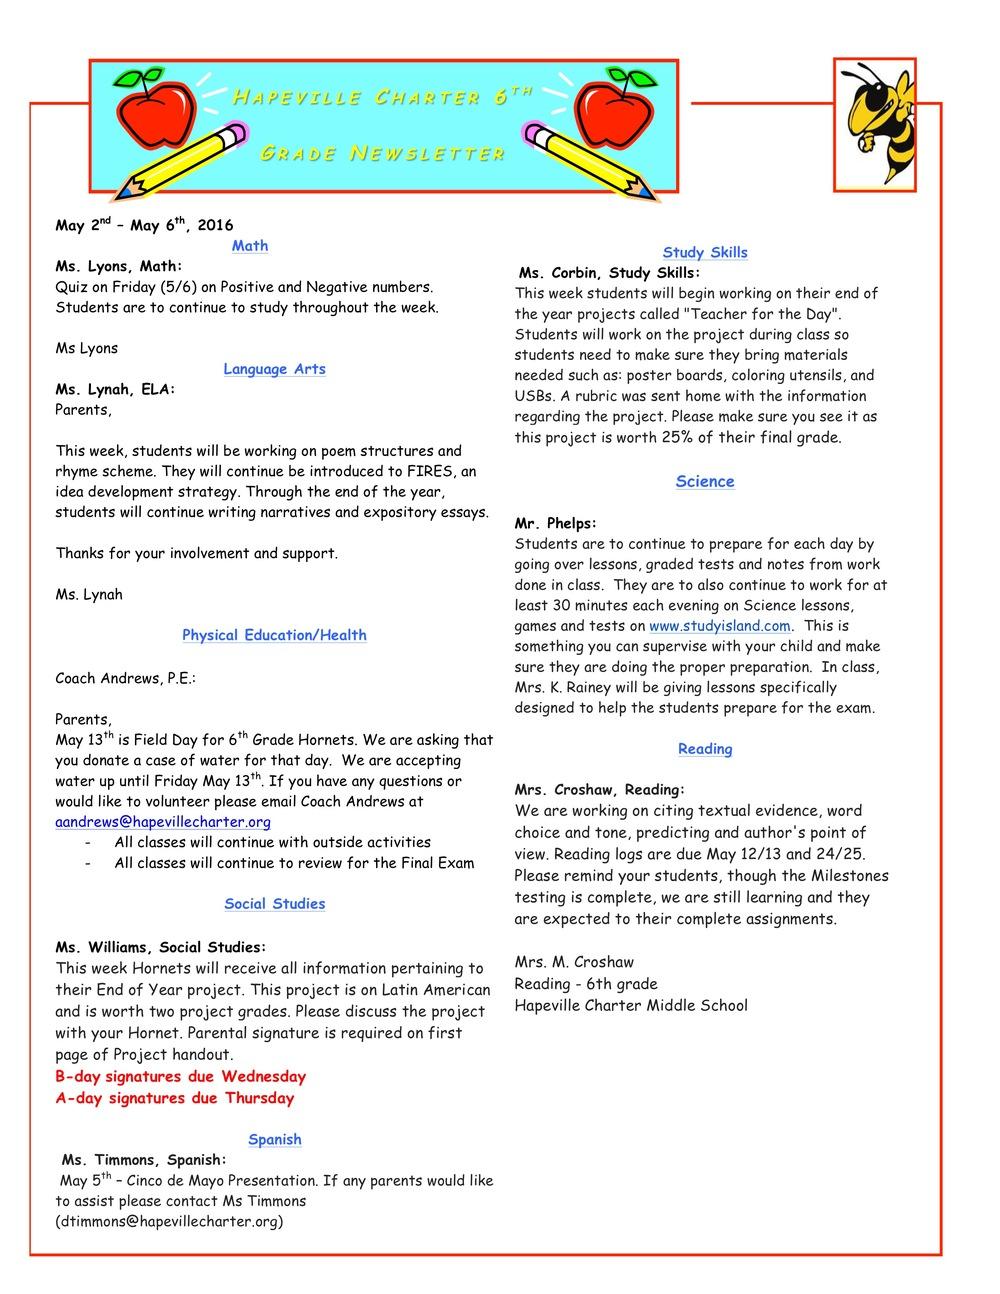 Newsletter Image6th Grade Newsletter 5-1.jpeg